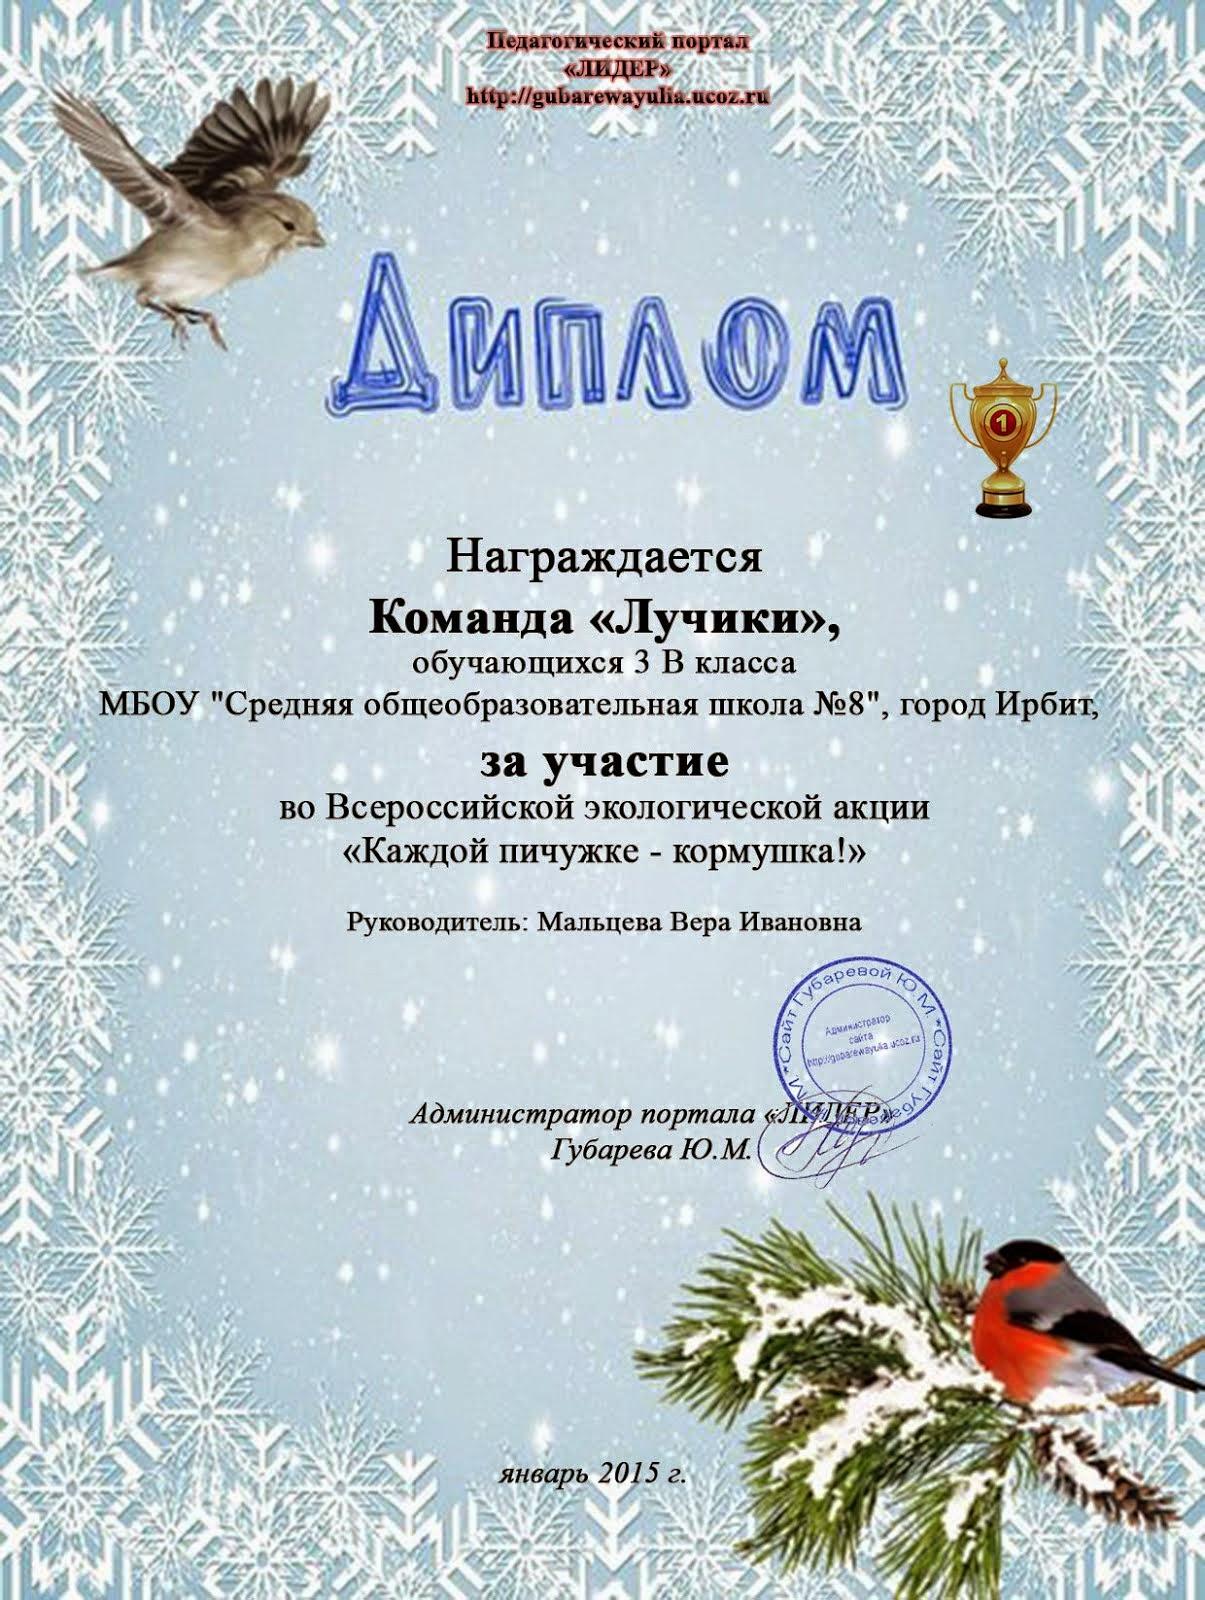 Диплом за участие во Всероссийской экологической акции